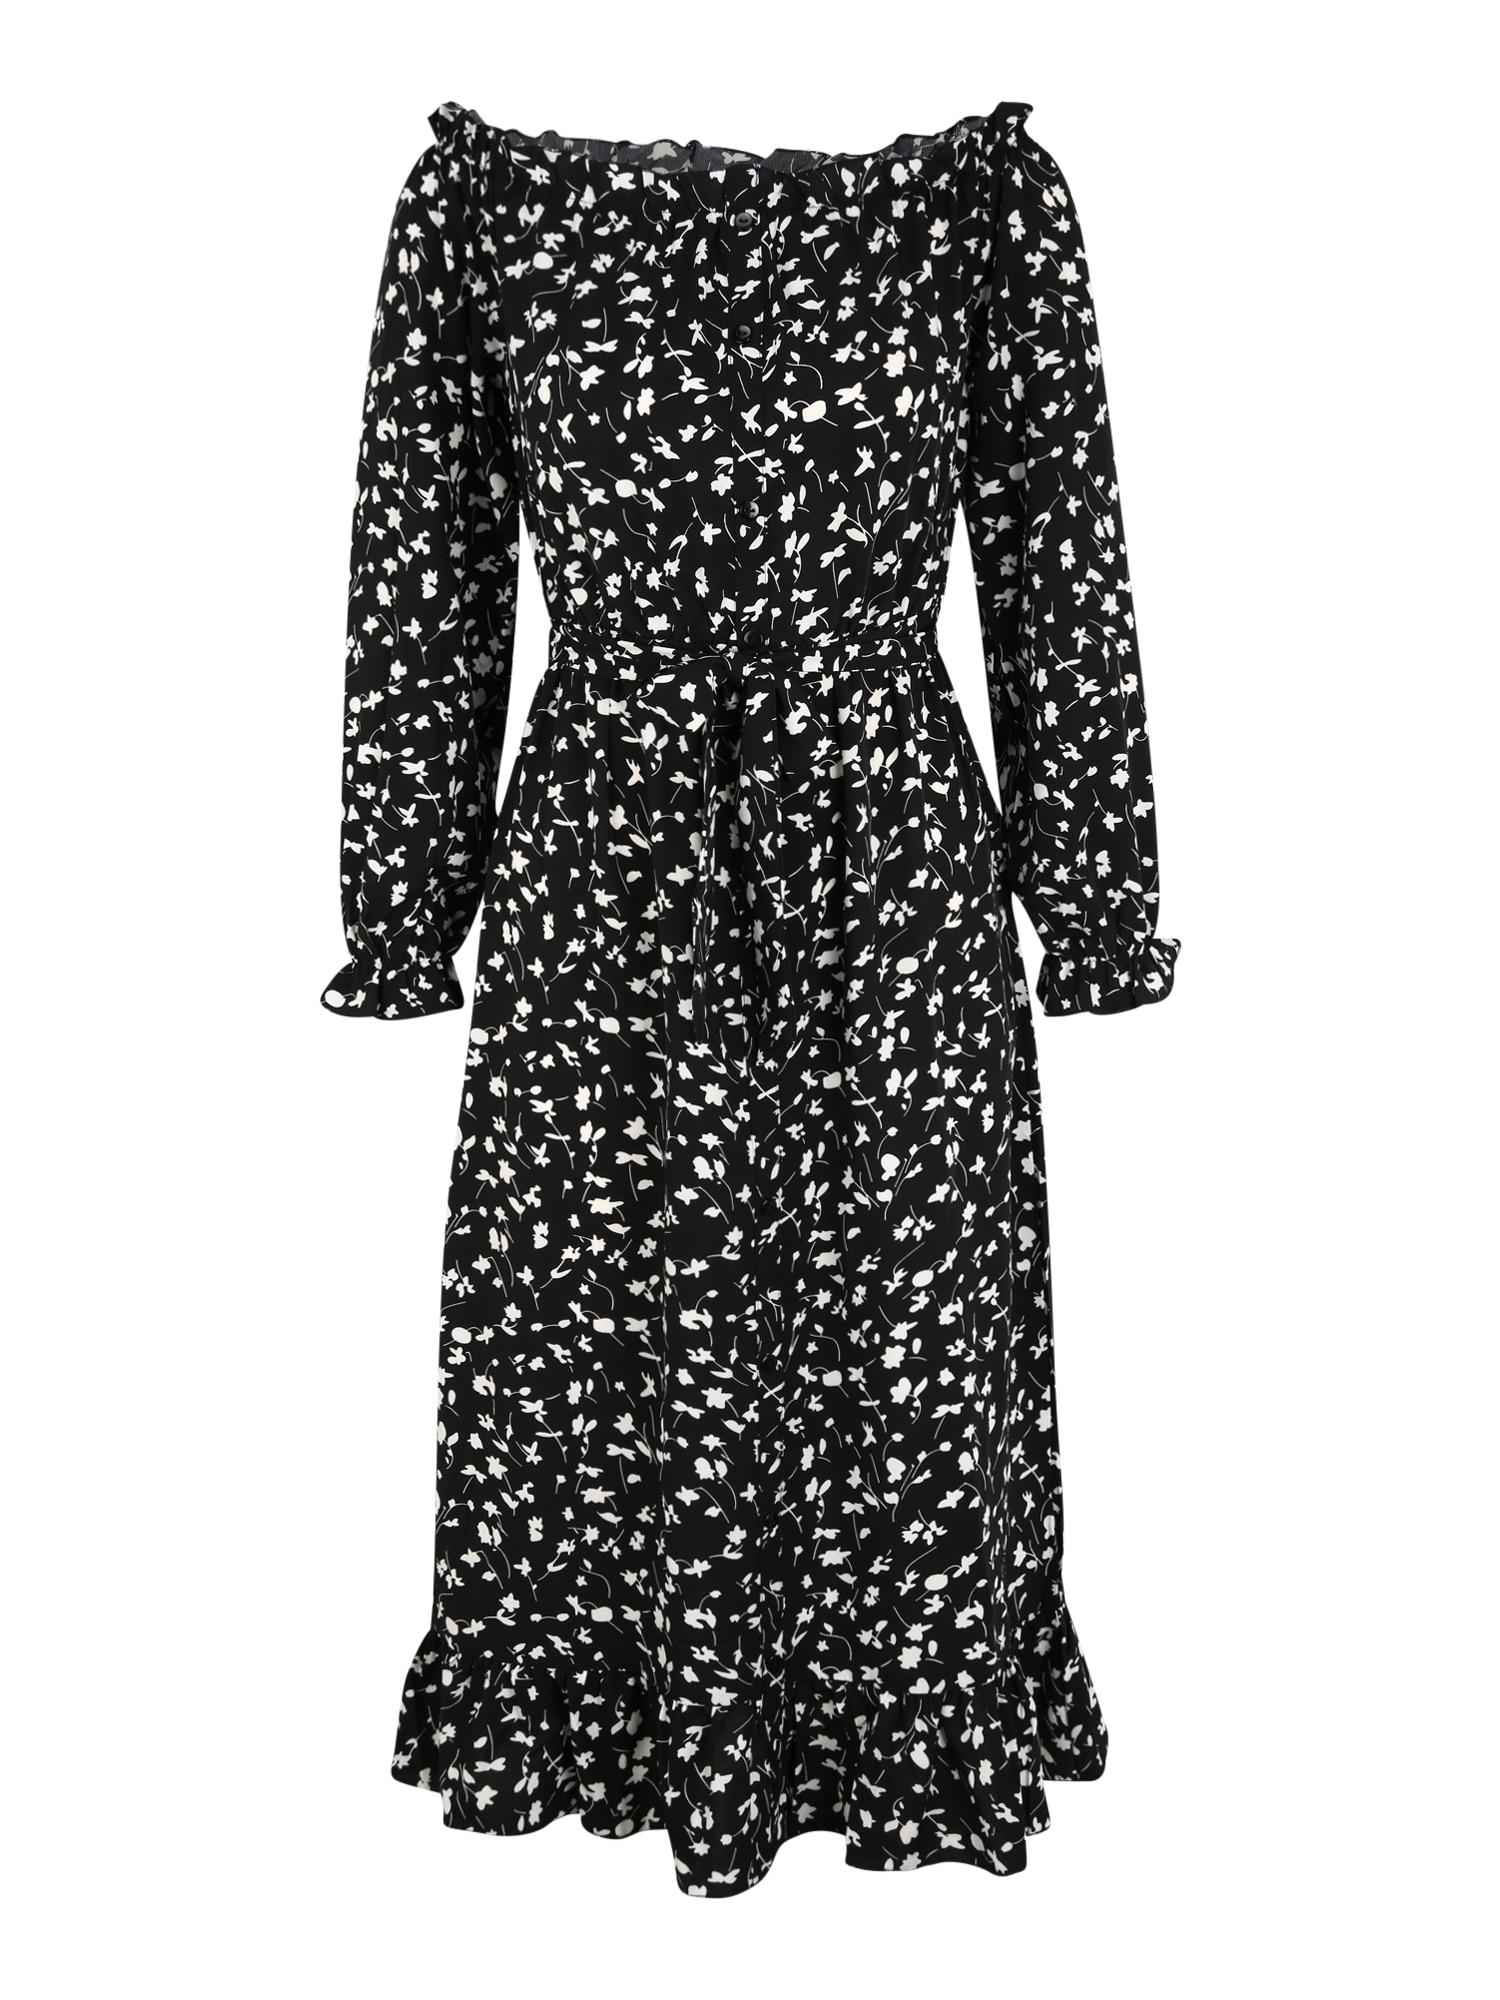 Missguided (Petite) Suknelė juoda / balta